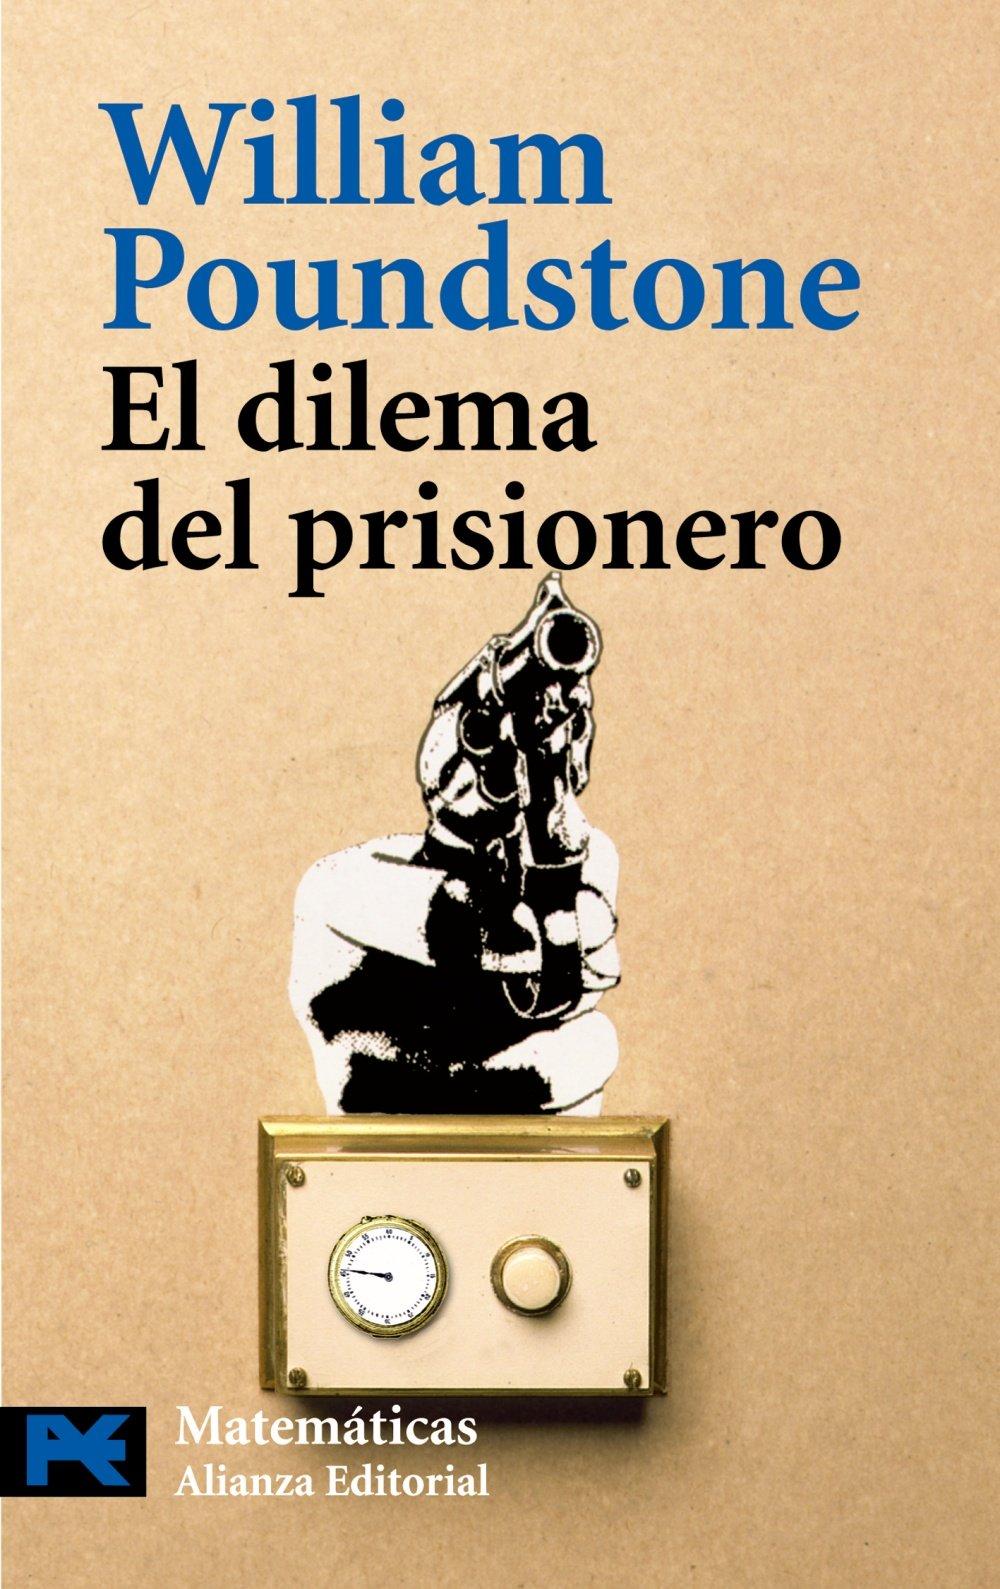 El dilema del prisionero: John von Neumann, la teoría de juegos y la bomba El Libro De Bolsillo - Ciencias: Amazon.es: Poundstone, William, Manzanares Fourcade, Daniel: Libros